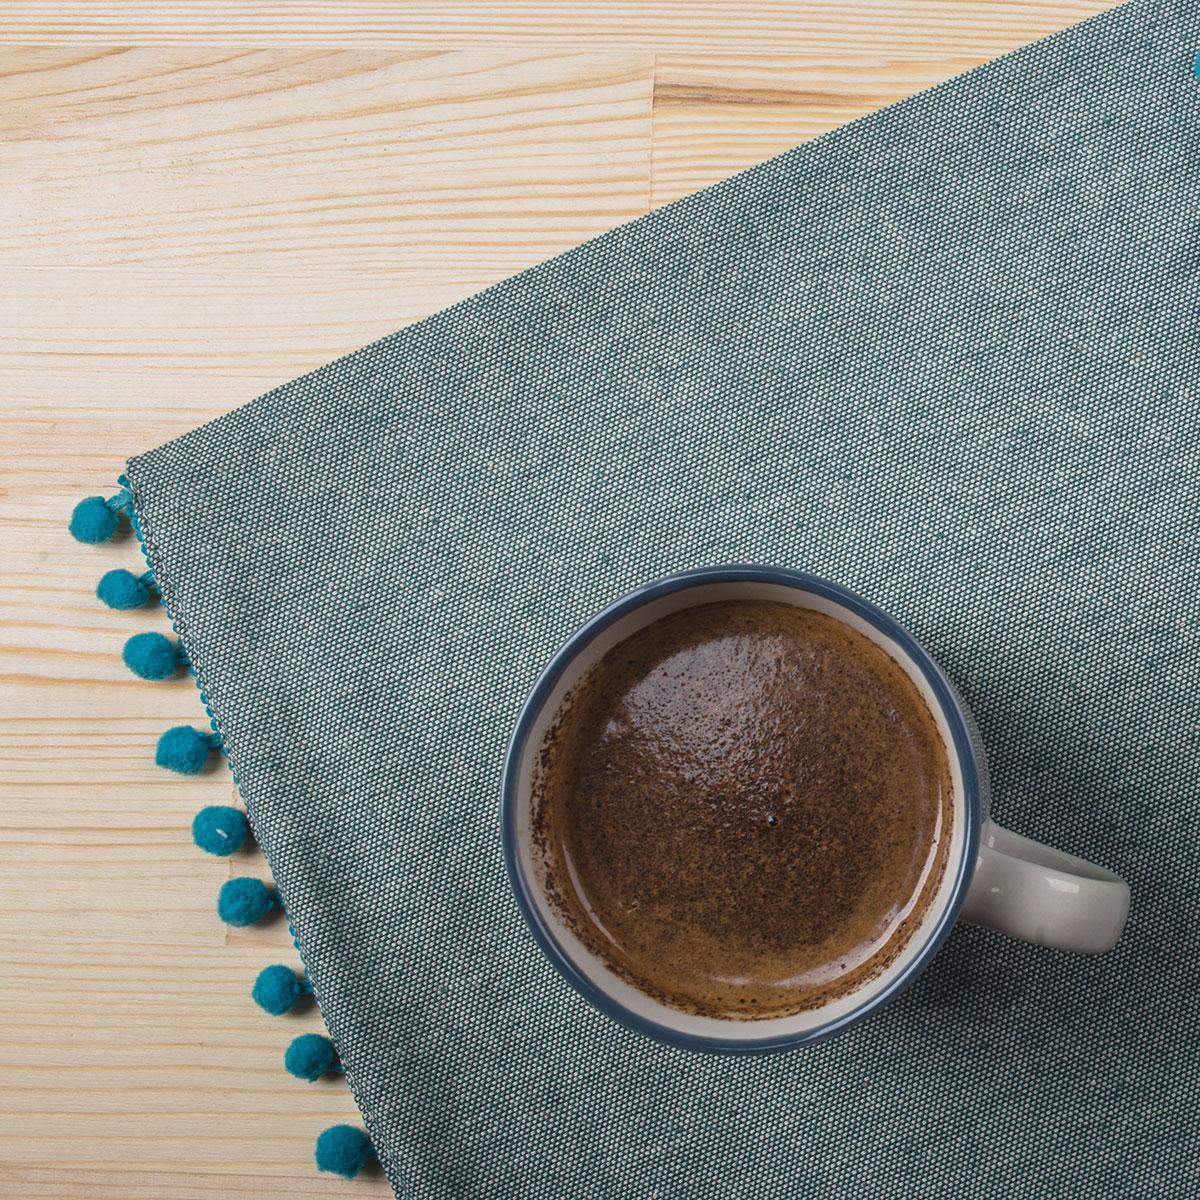 Σουπλά (Σετ 2τμχ) White Fabric Nelli Blue